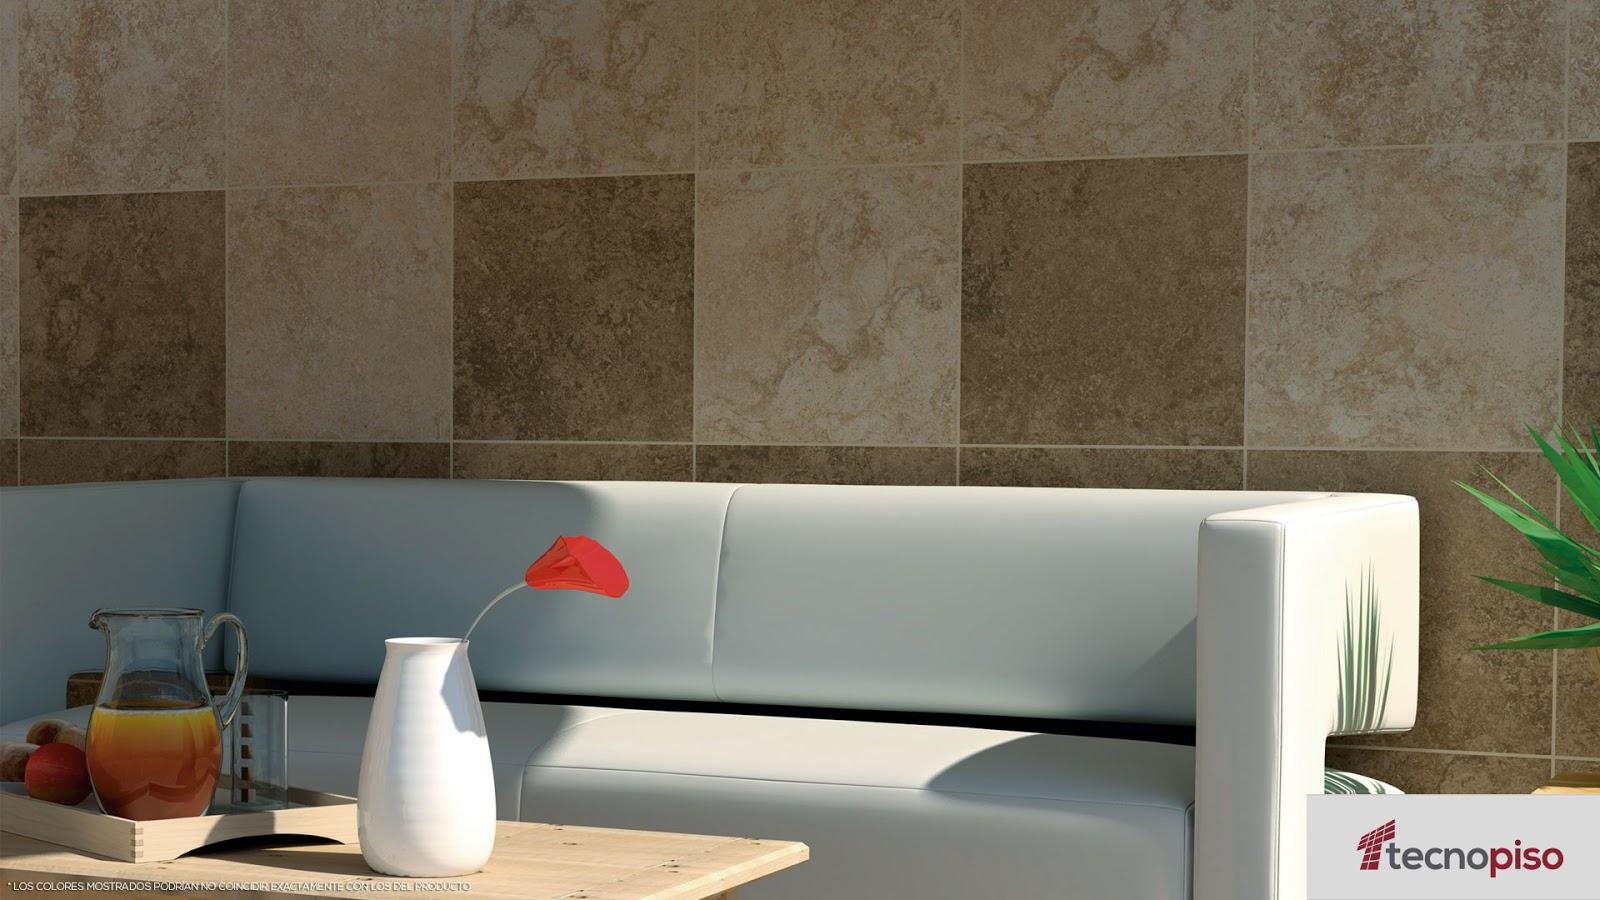 Pisos y azulejos para decorar tu casa for Pisos y azulejos para casas